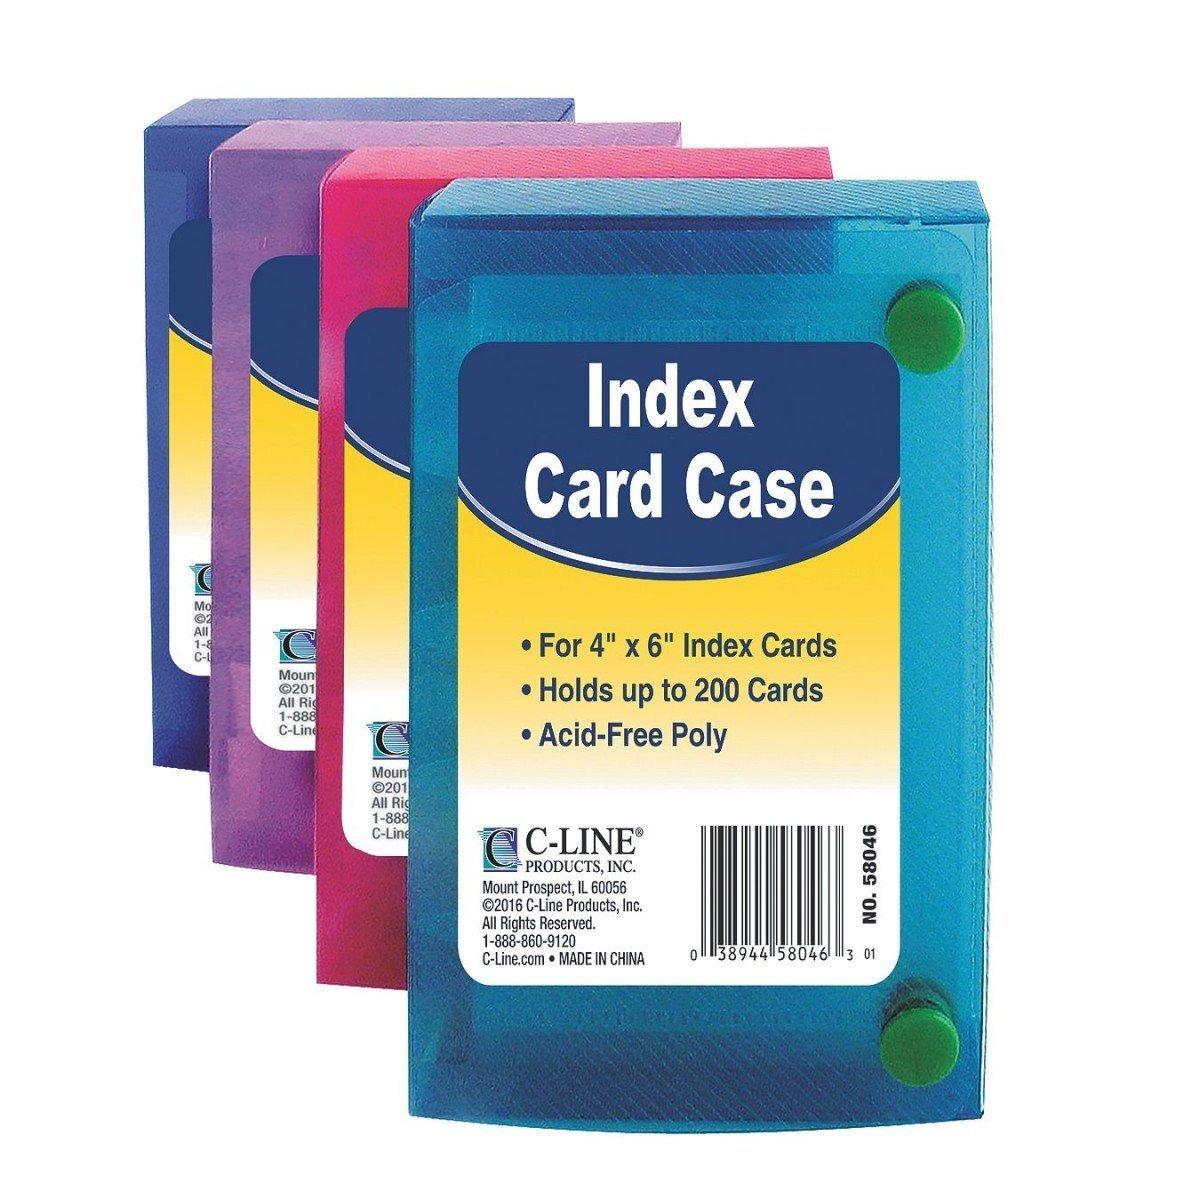 Caso de tarjeta de índice, con 200 capacidad para 200 con 4 x 6 tarjetas, polipropileno, surtidos, 2 paquetes 033daa